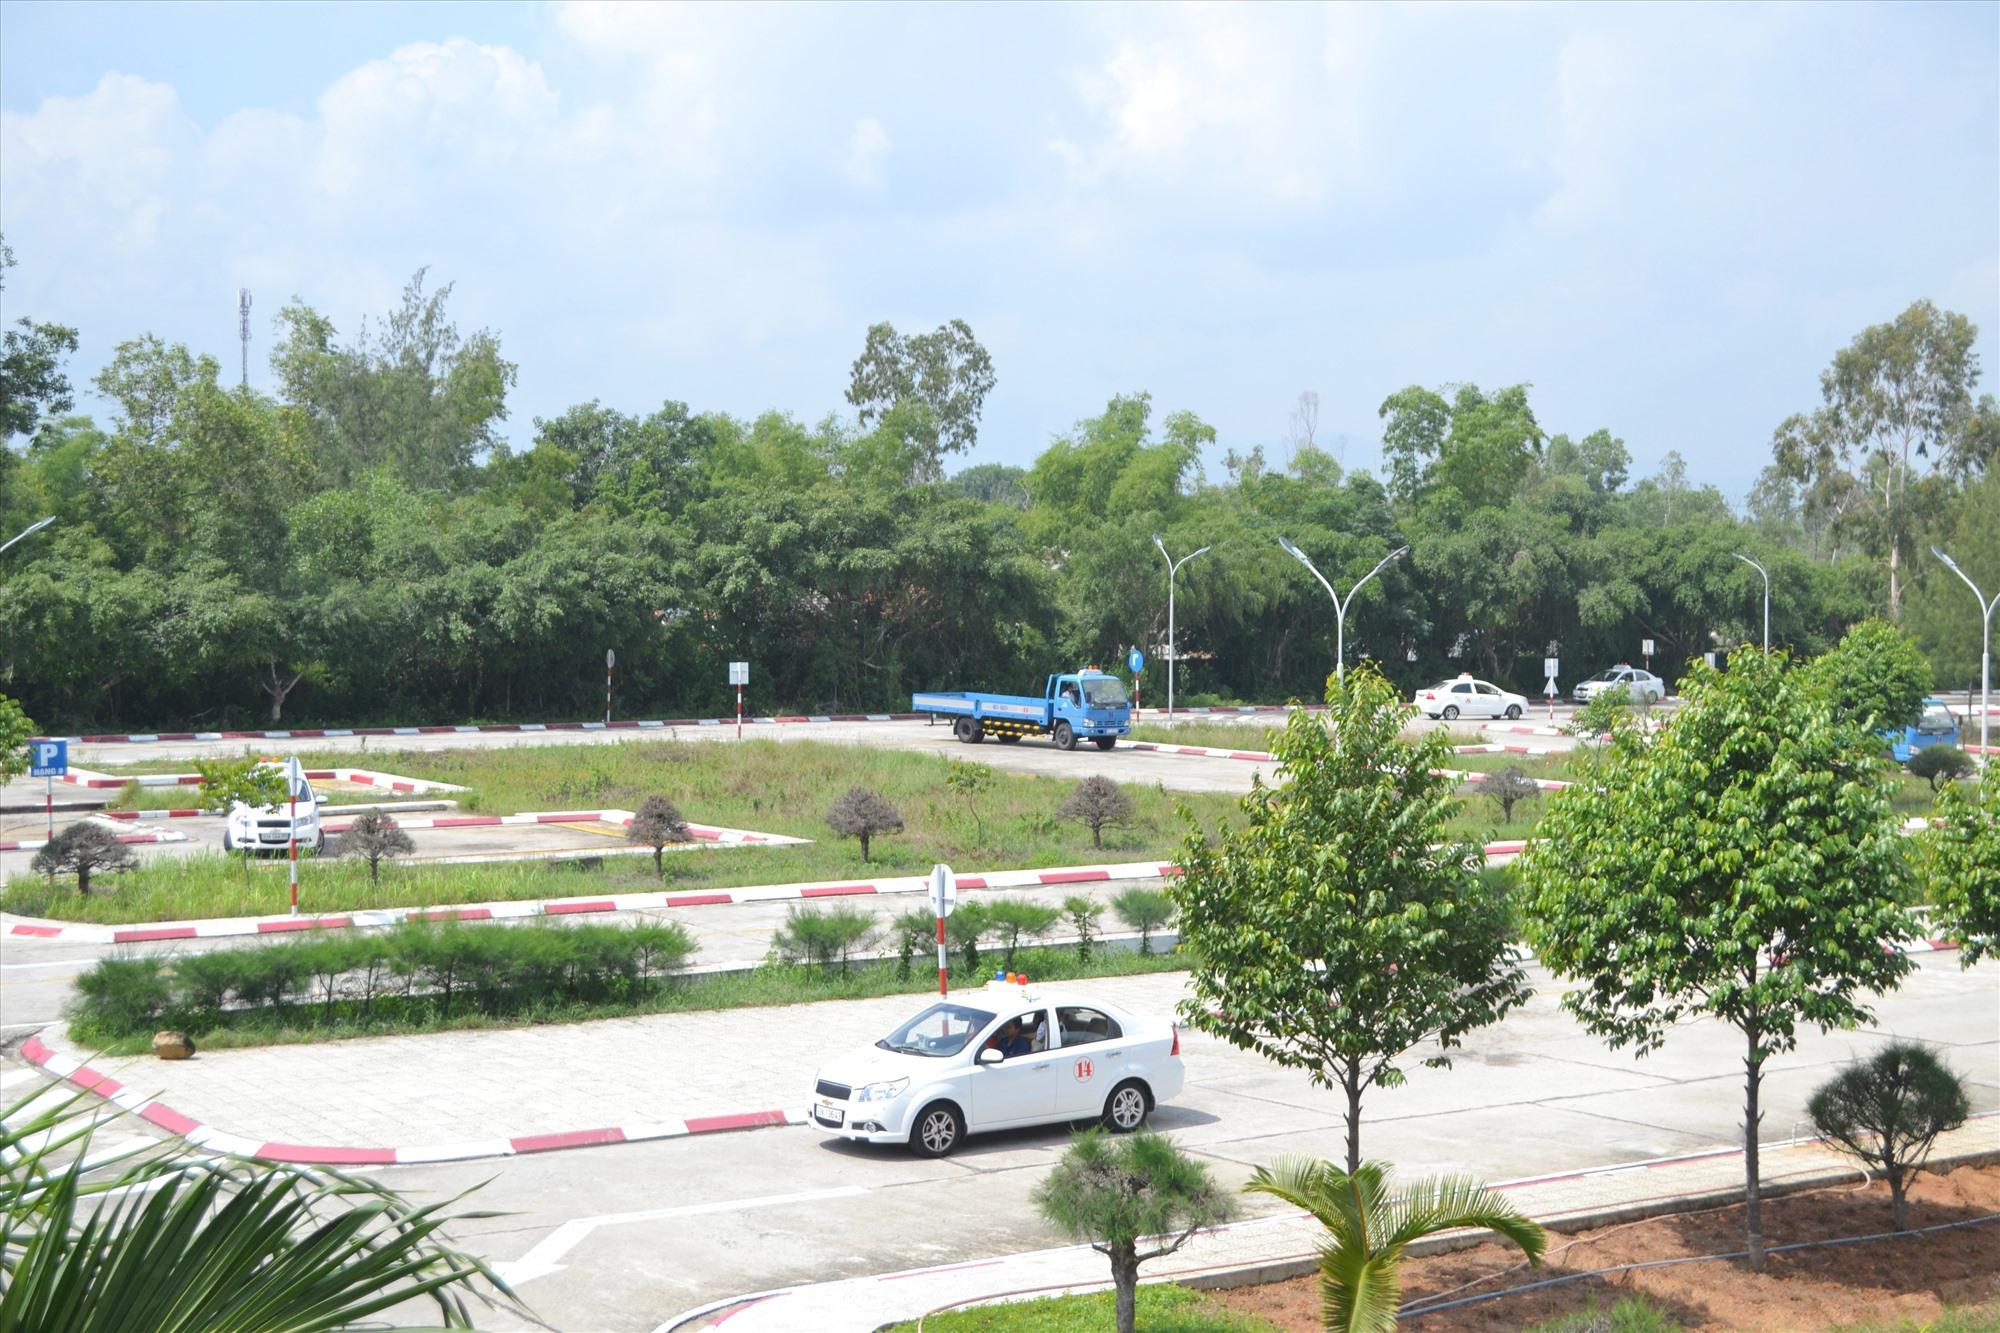 Sở GTVT cho phép Trung tâm SHLX Quảng Nam (trực thuộc Công ty CP Minh Sơn Quảng Nam) được hoạt động trở lại. Ảnh : CT